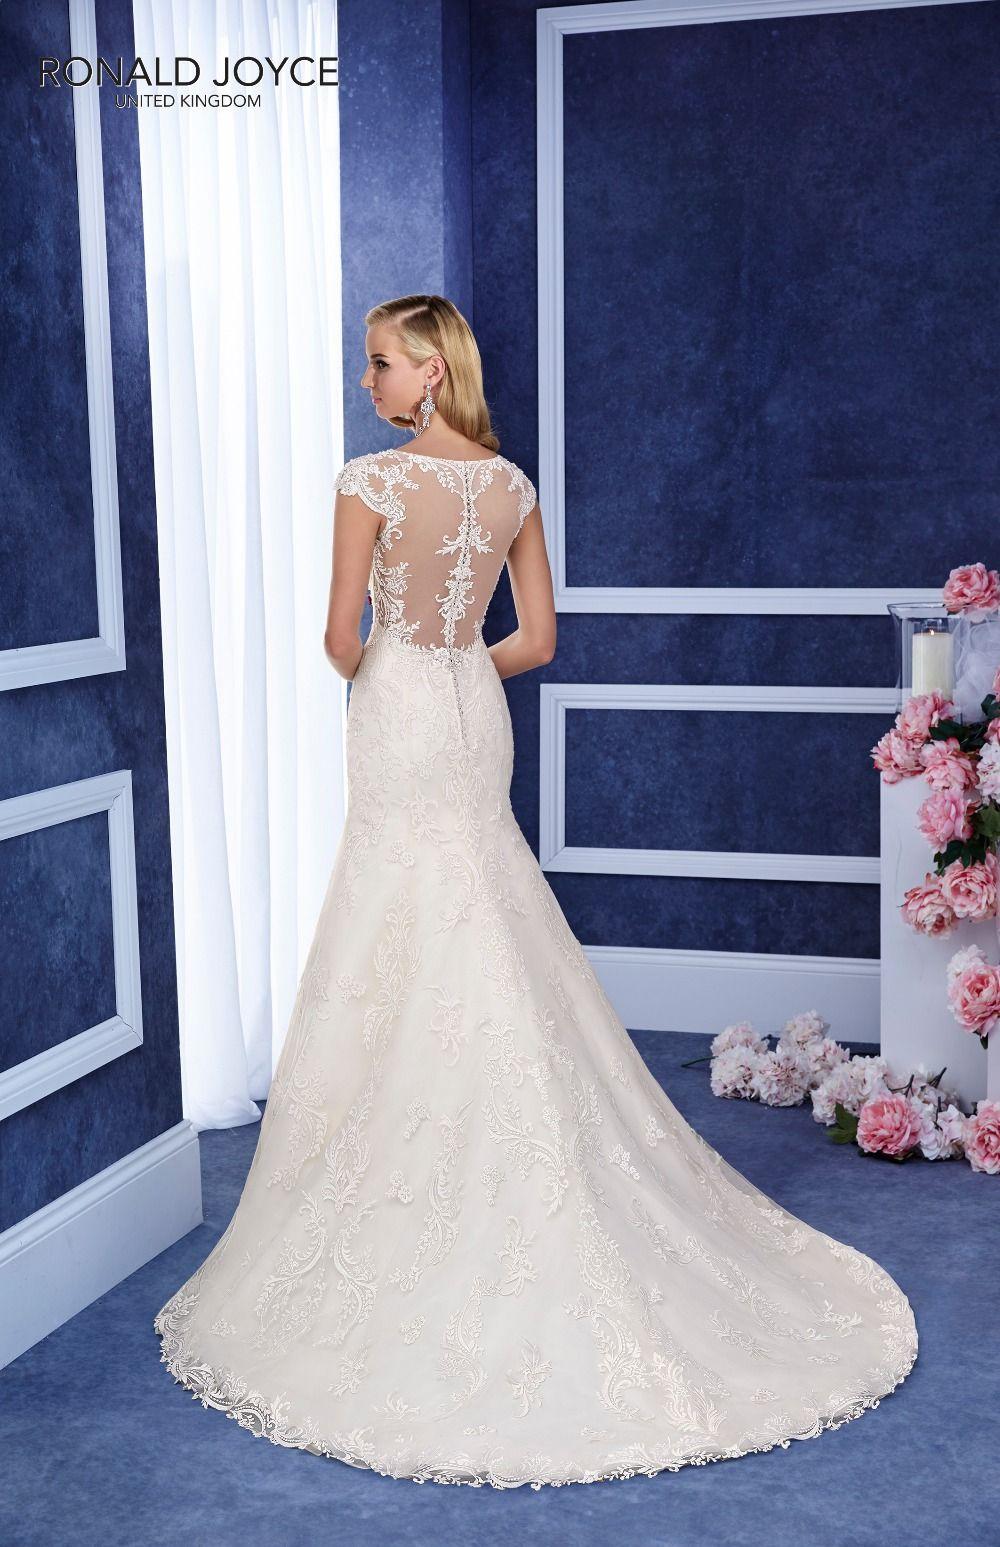 Ronald Joyce Bridal Dresses Newcastle | Wedding Dress | Pinterest ...